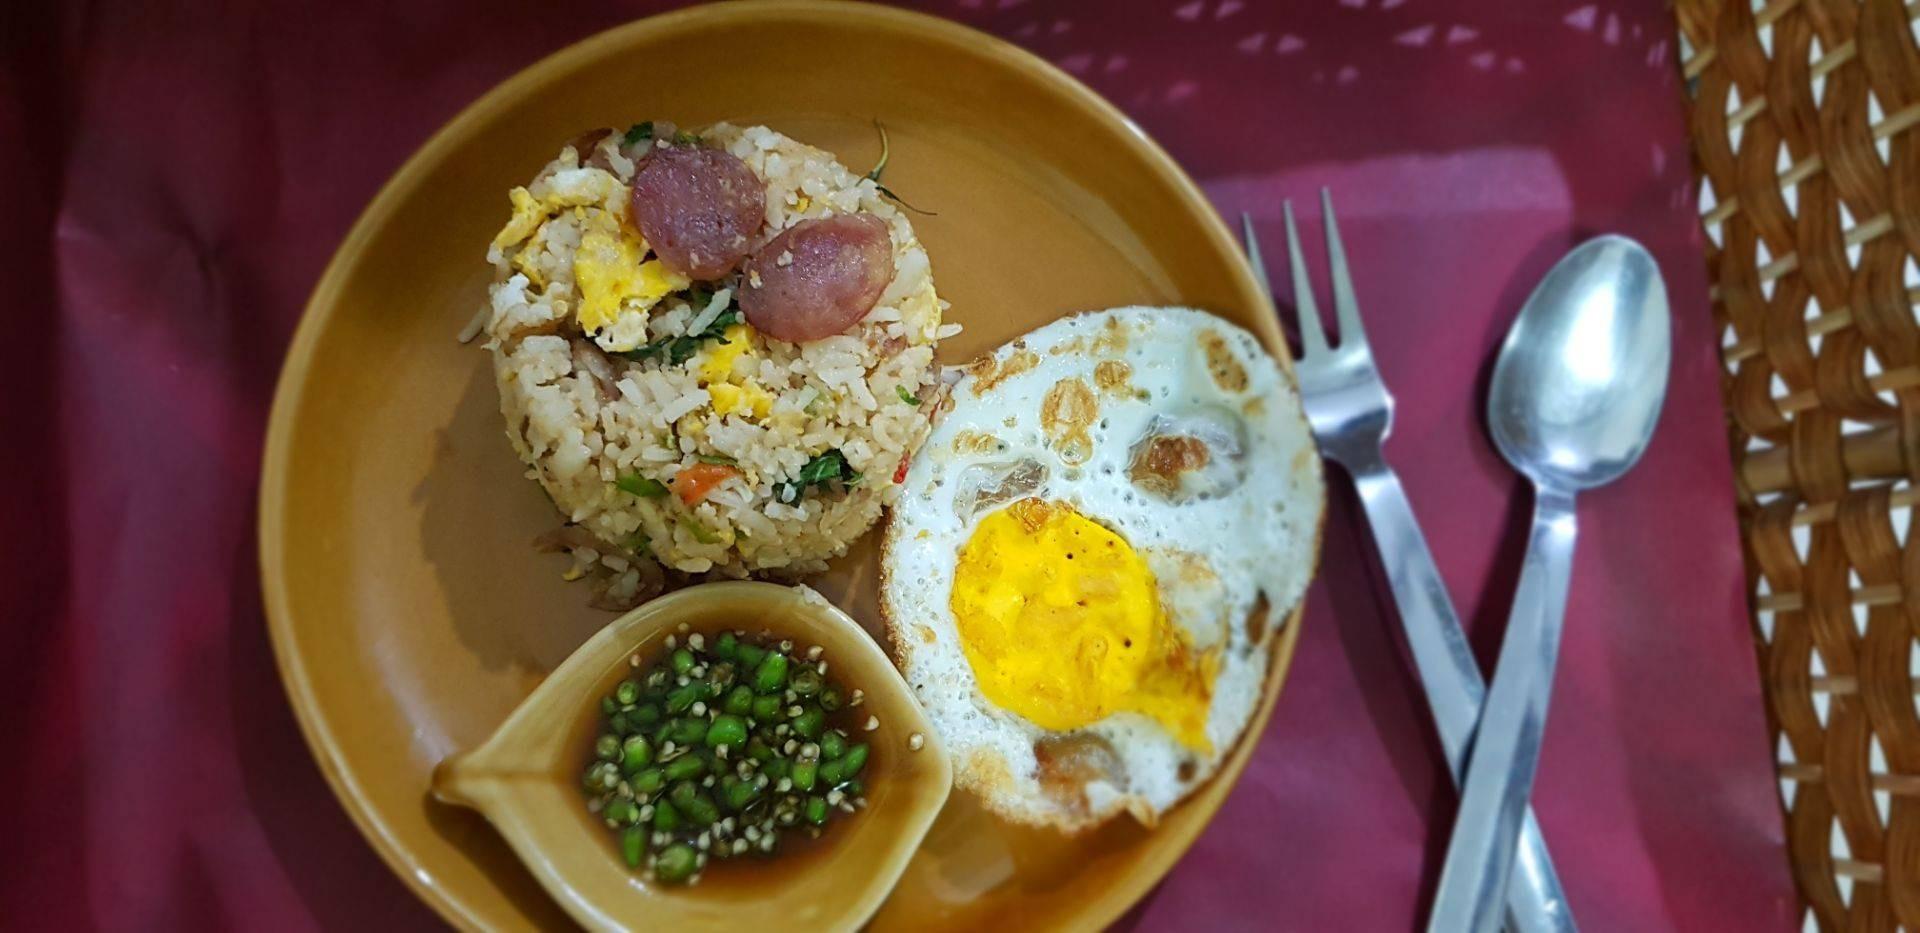 ข้าวผัดกระเพรากุนเชียงไข่ดาว